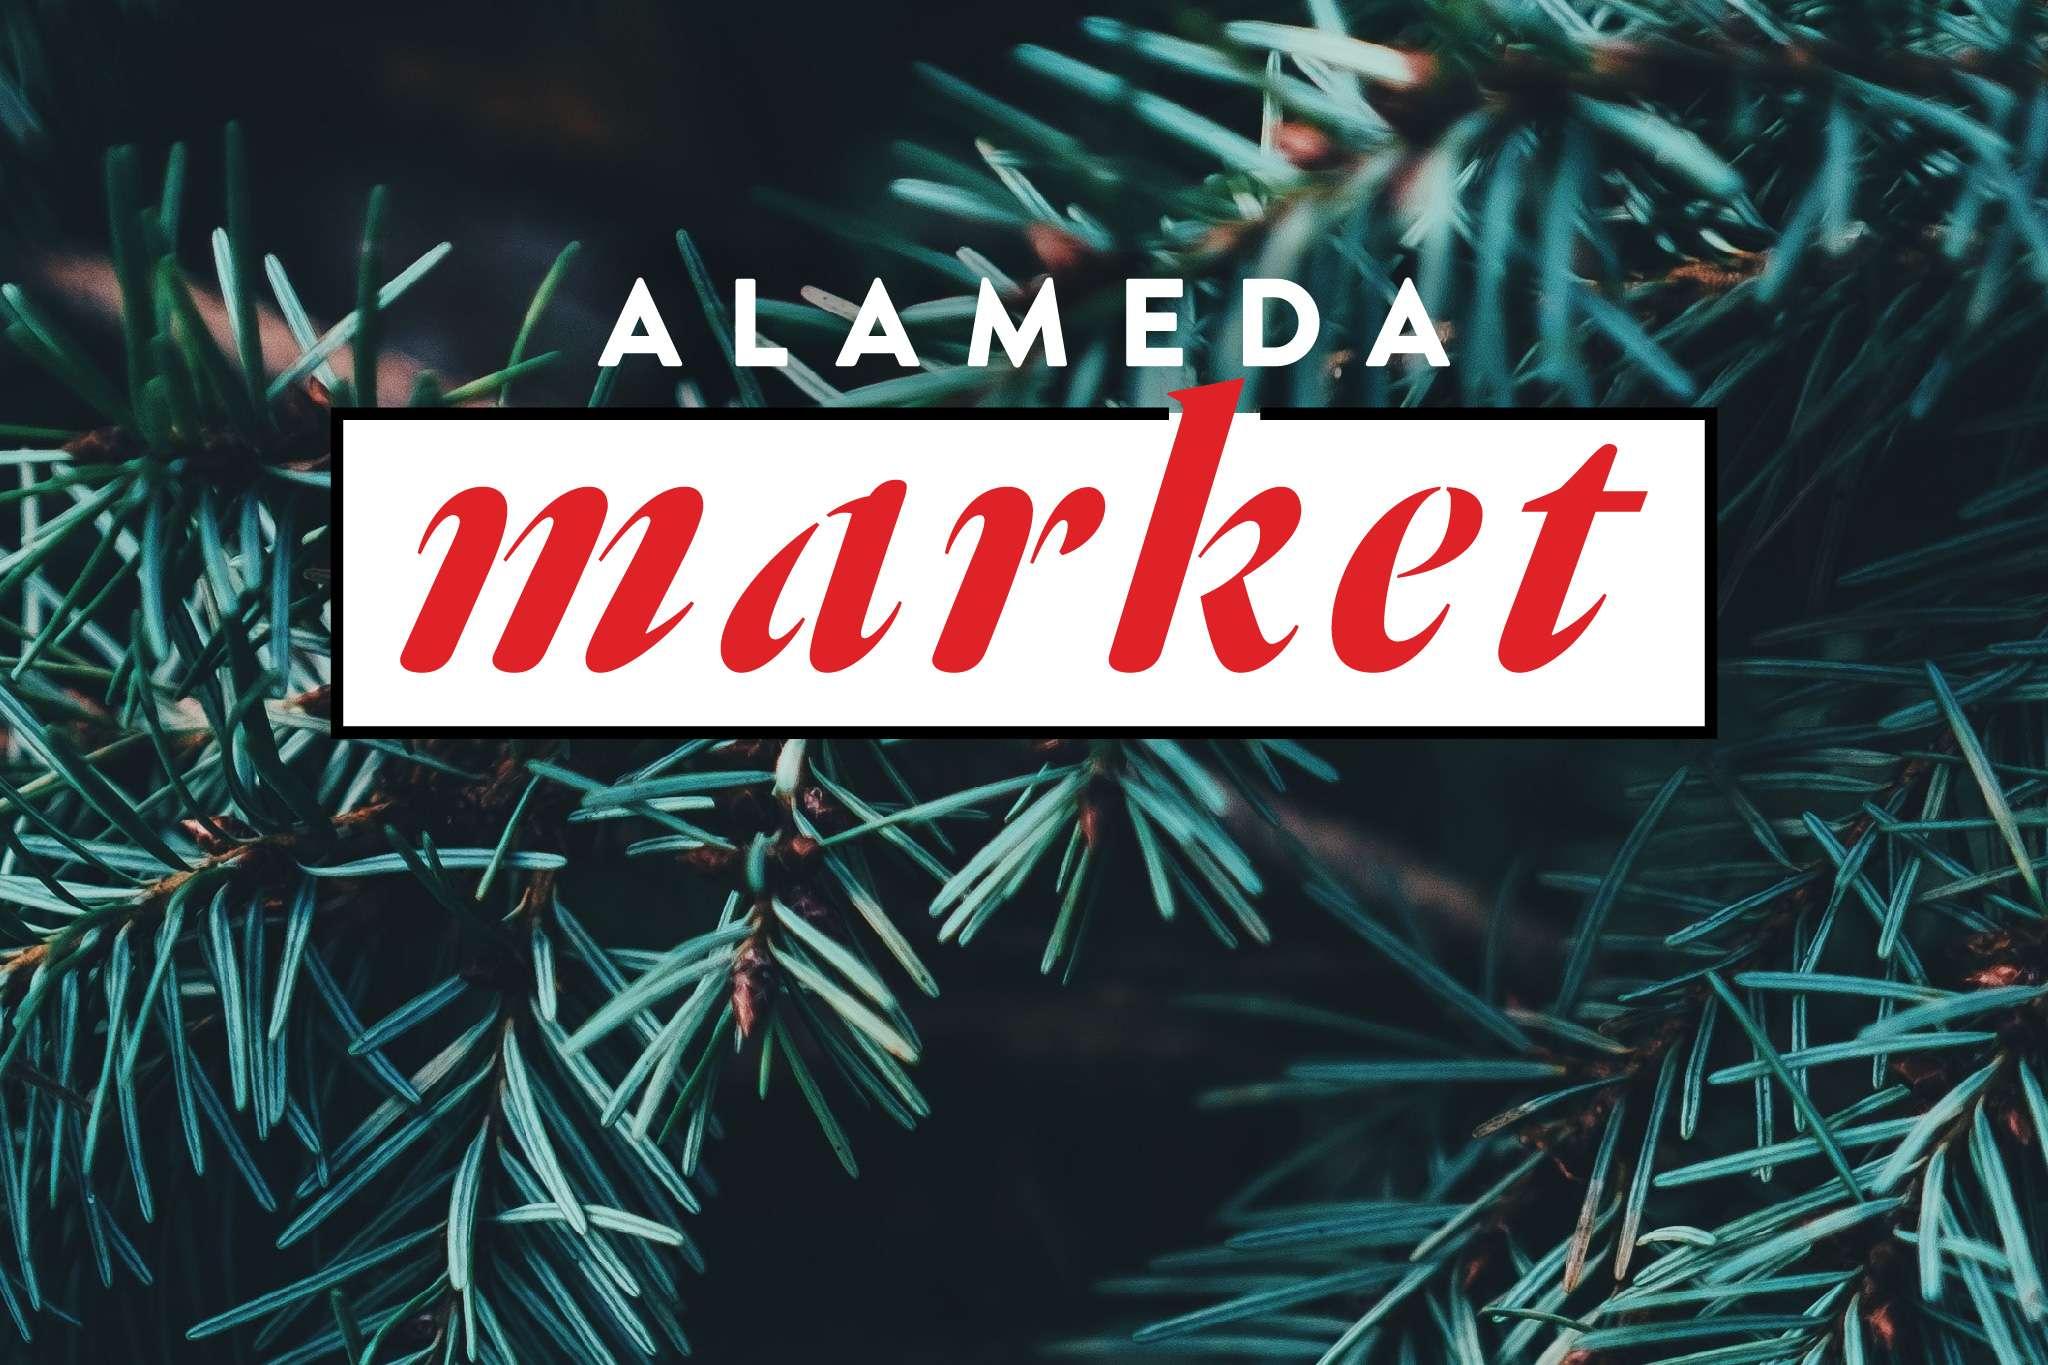 http://alamedamarket.pt/wp-content/uploads/2019/11/Bannerprincipal_AlamedaMarket_Natal-02.jpg